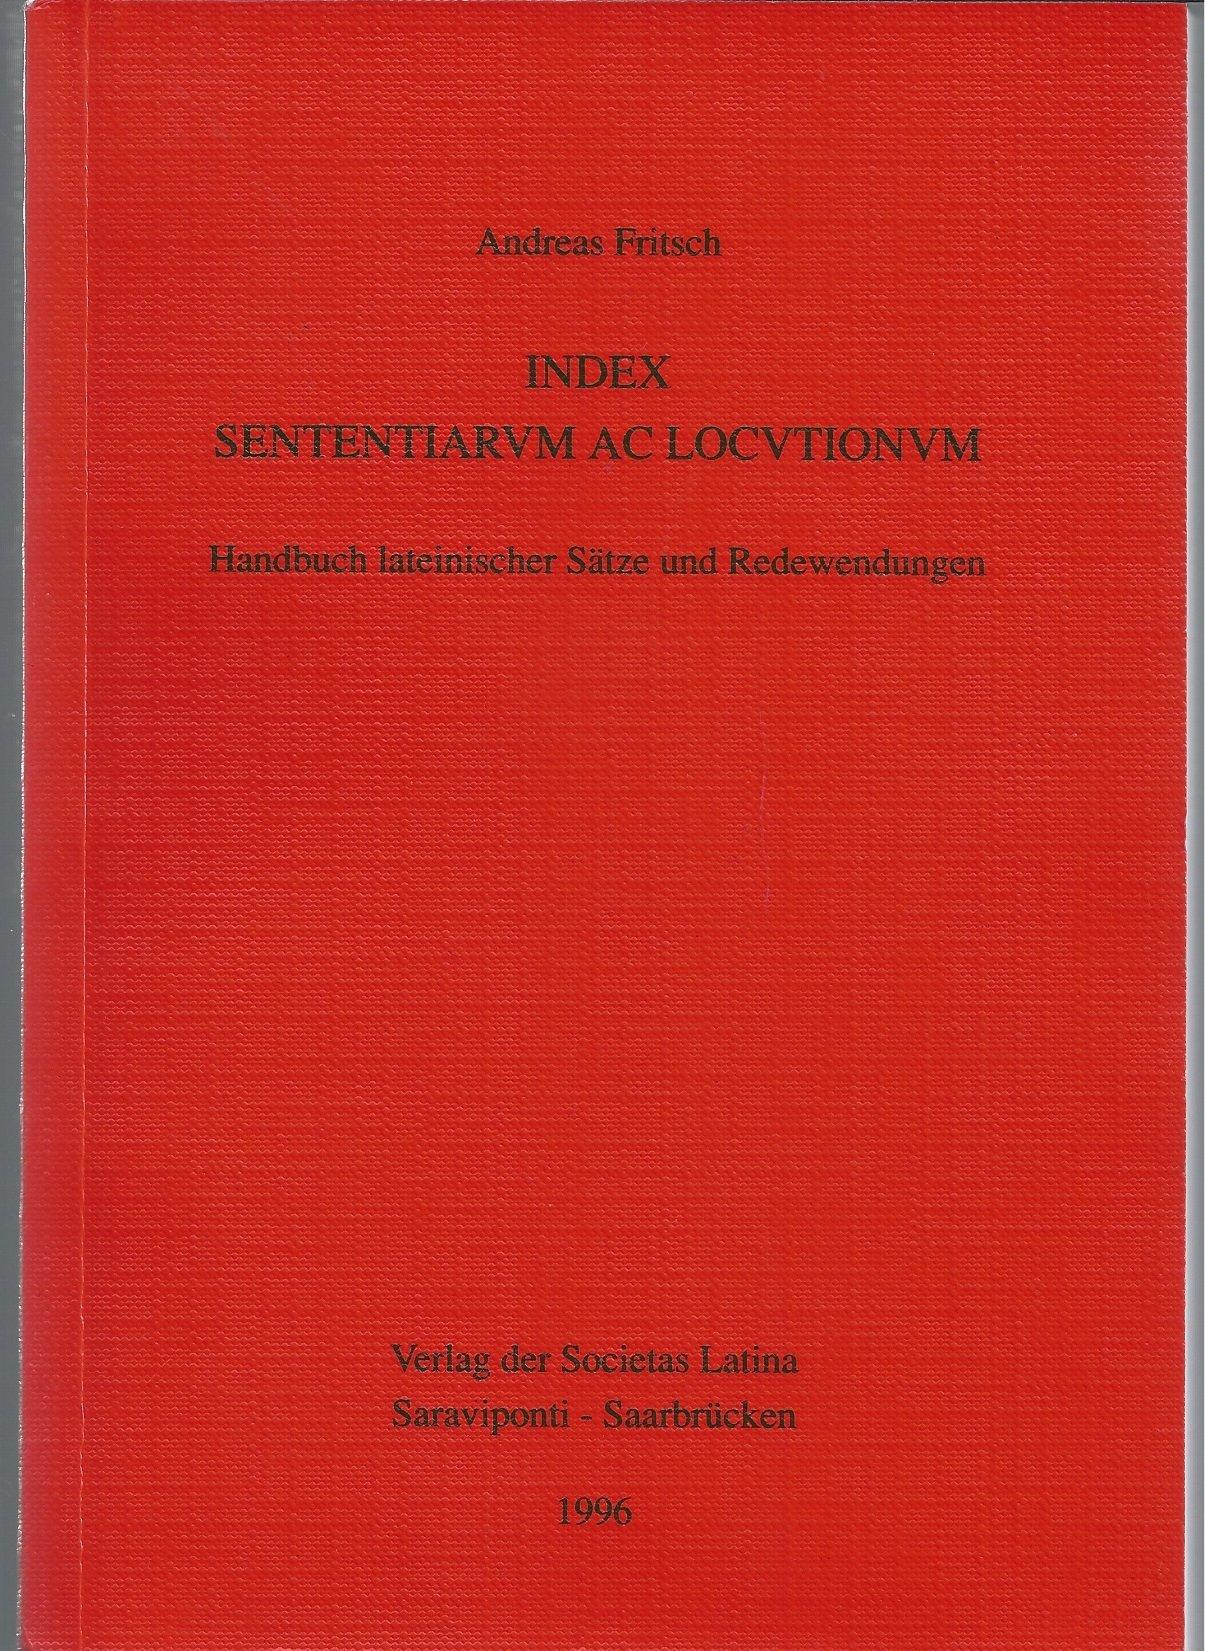 index-sententiarum-ac-locutionum-handbuch-lateinischer-stze-und-redewendungen